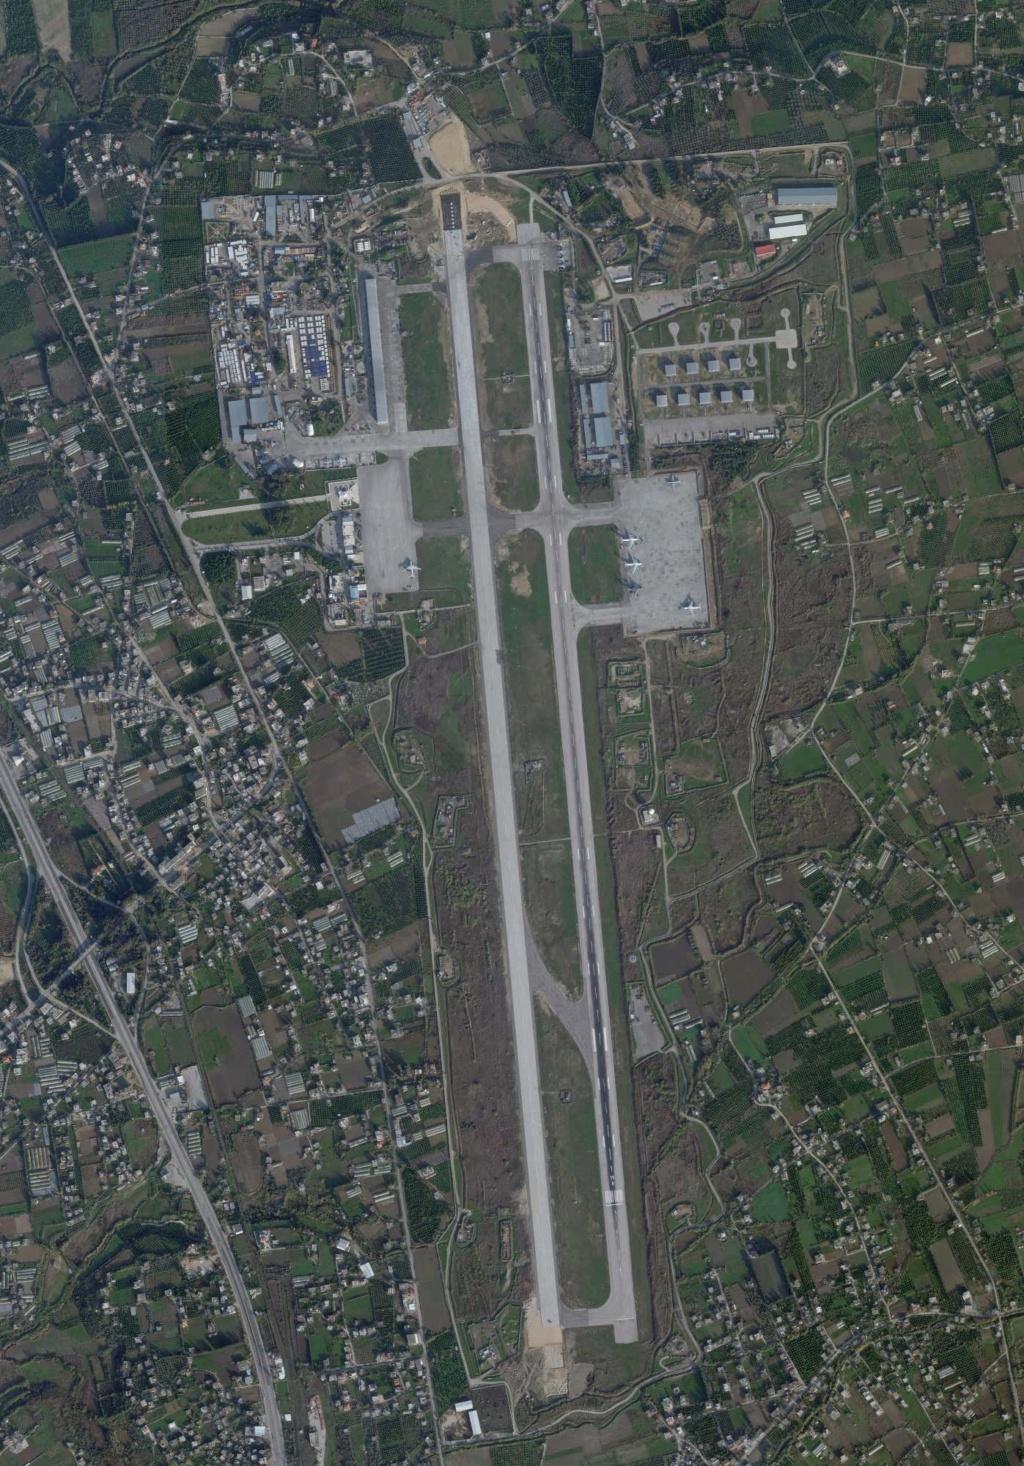 ماهي خطط روسيا المستقبليه في قاعدتها الجوية في حميميم السوريةا؟ Messag15